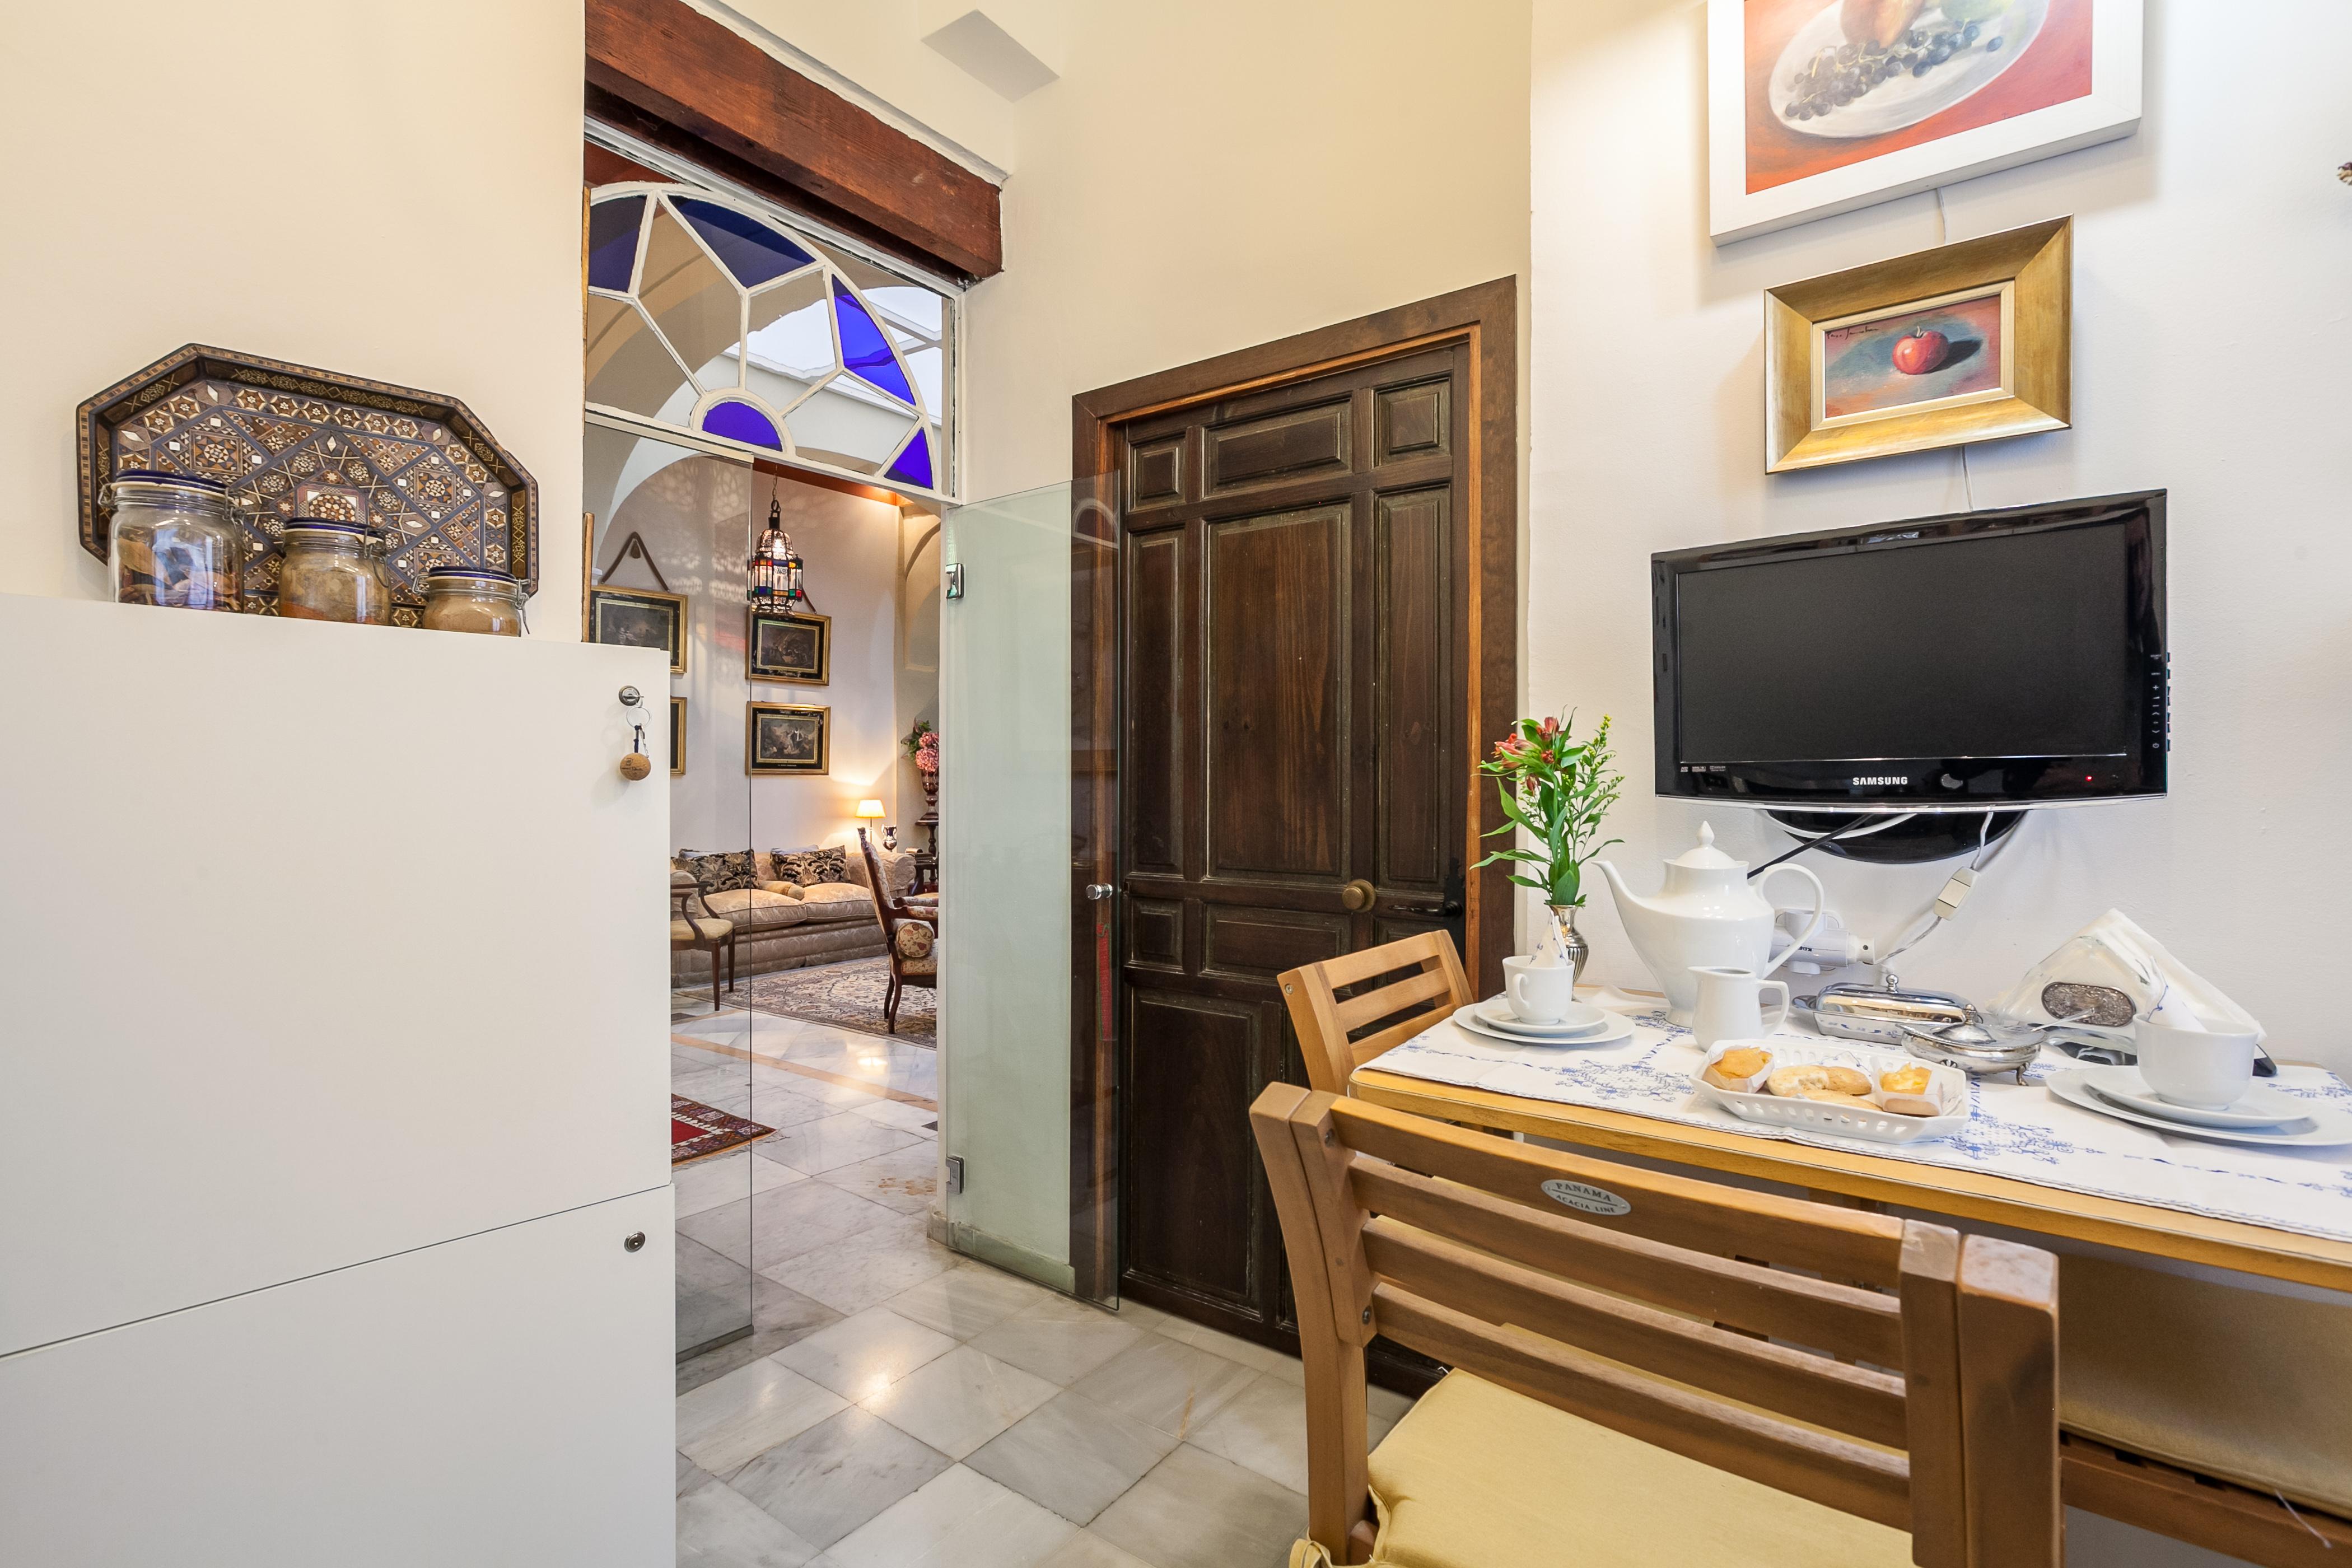 Ferienhaus Herrenhaus im Zentrum von Sevilla, neben den rmischen Herkules-sulen Wifi, A (2628854), Sevilla, Sevilla, Andalusien, Spanien, Bild 20